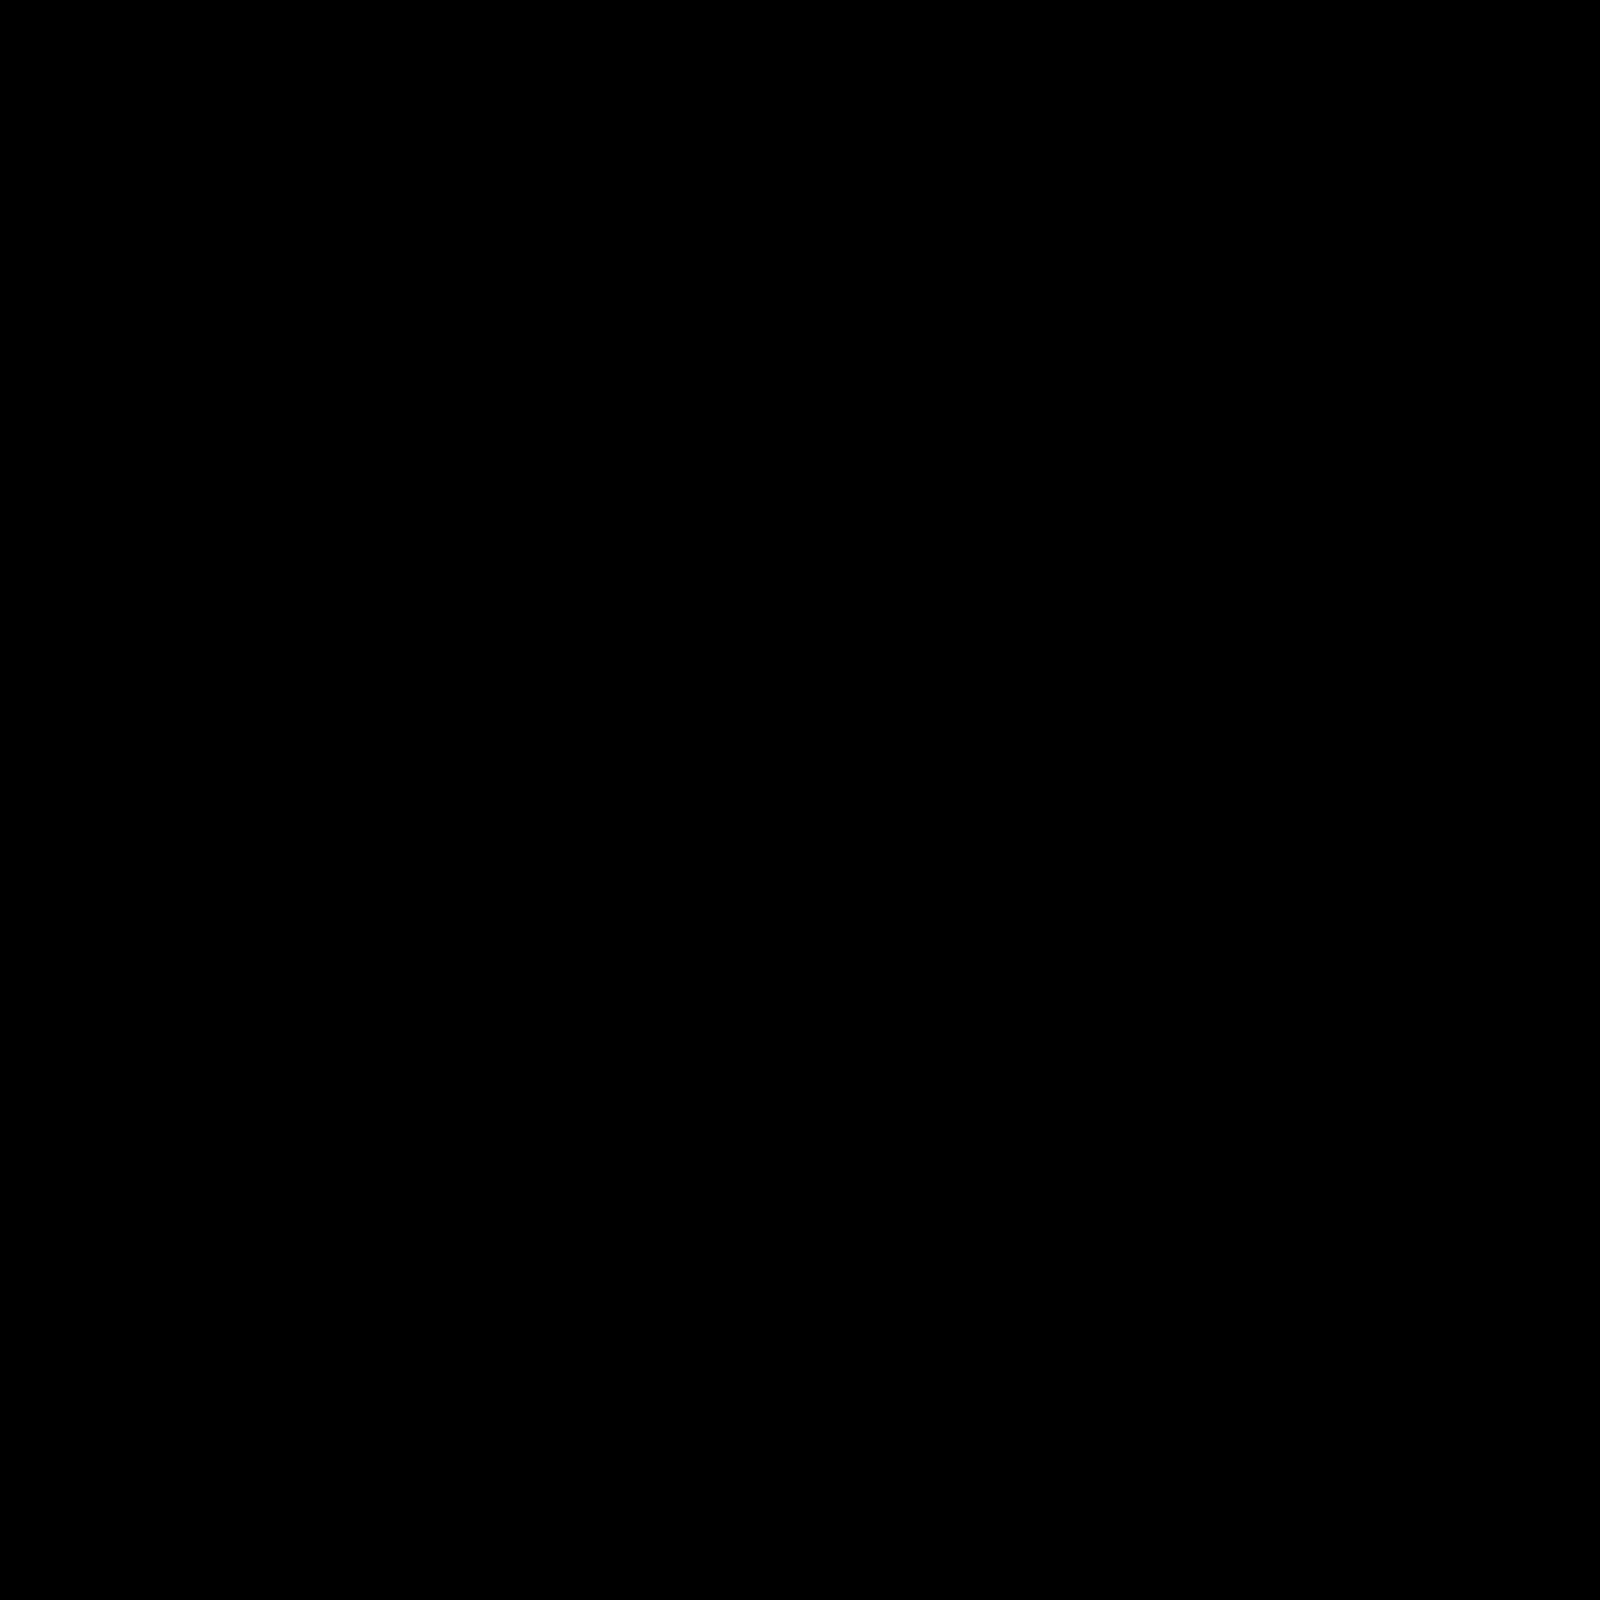 タージマハル icon. This icon looks like temple.  It has a tapered walkway, three domed shape items on the top, and has two squares that are tapered off at the top.